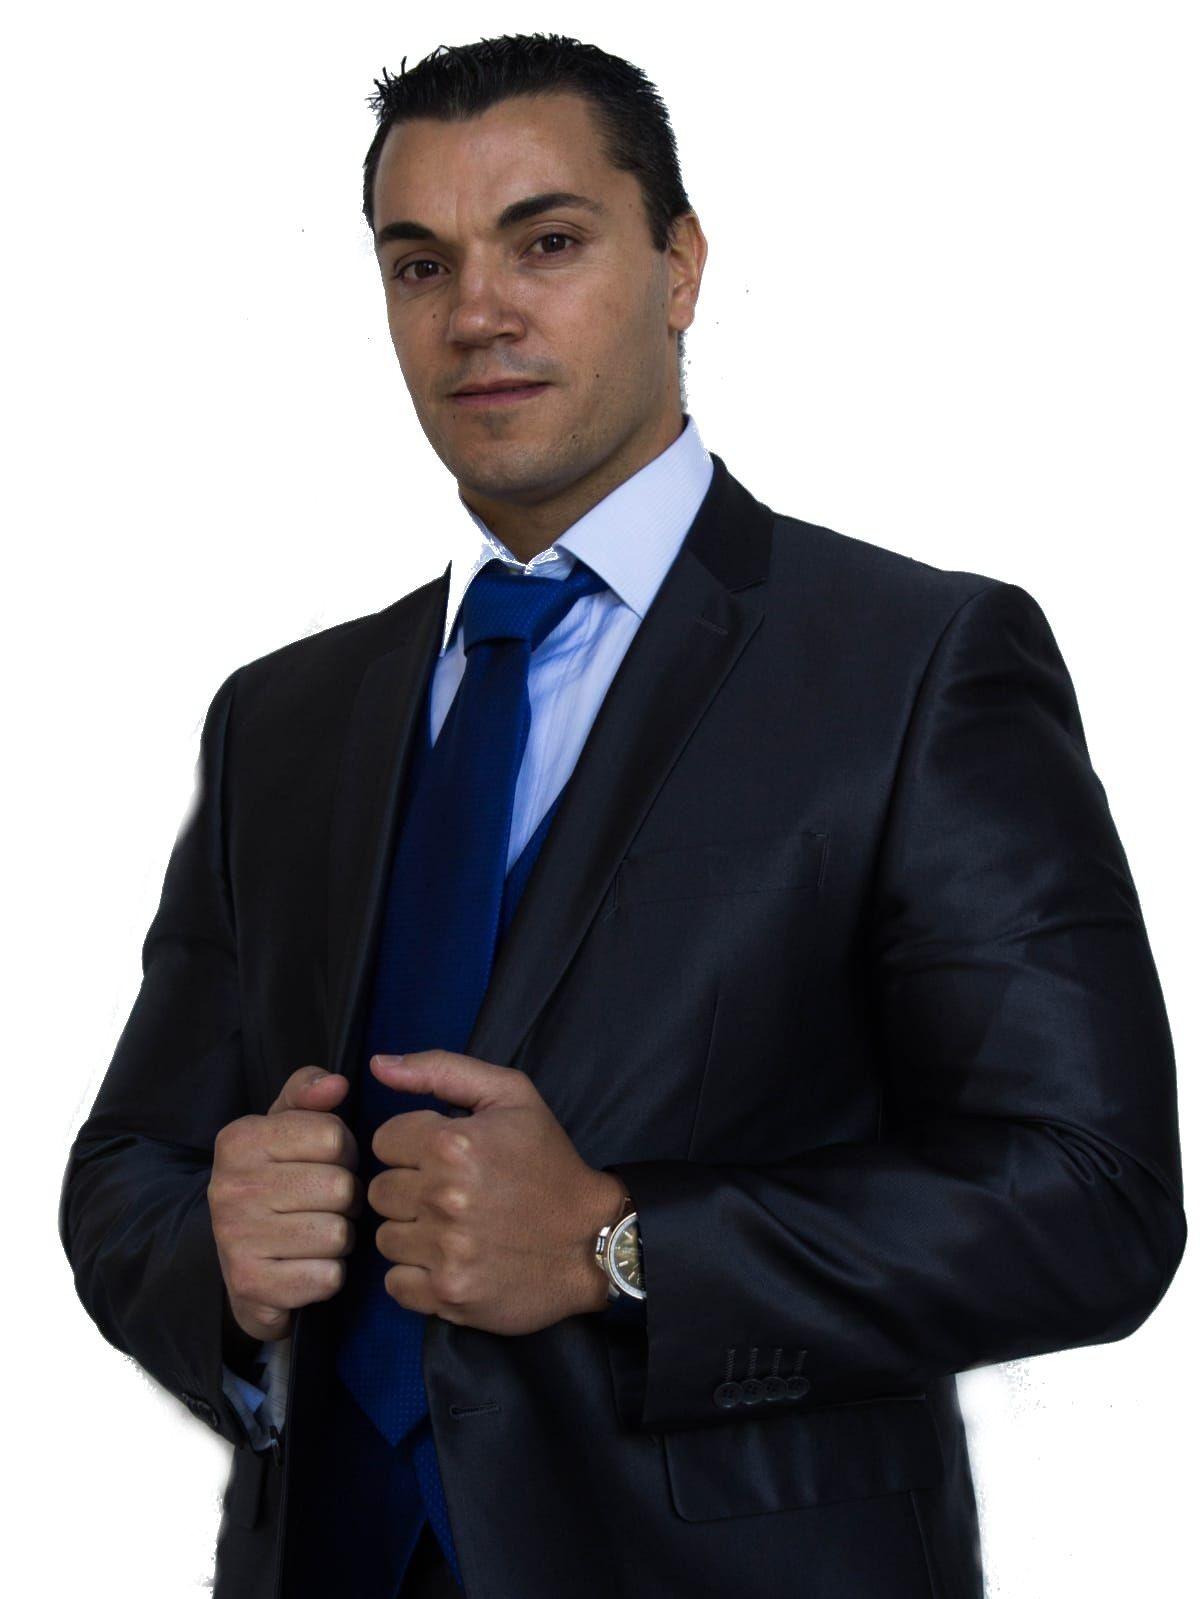 David Martel Guedes